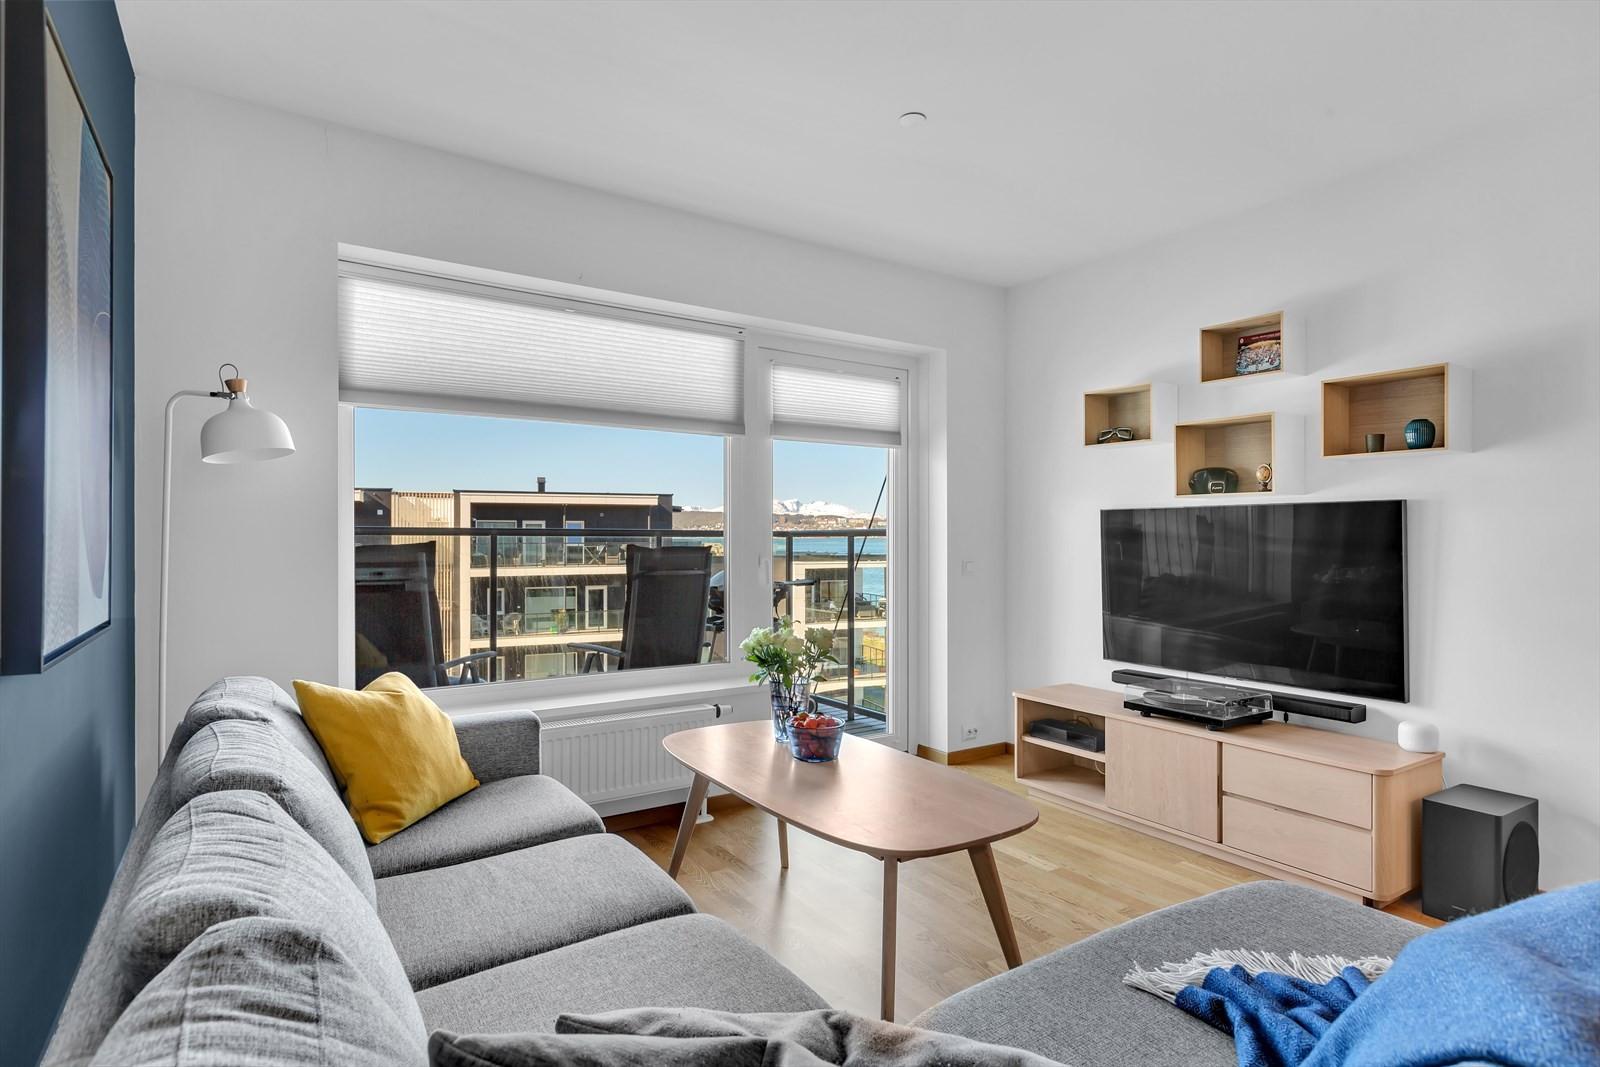 Leiligheten ligger i 4. etasje og har nydelig utsikt mot Tromsøysundet og deler av Tromsøya.